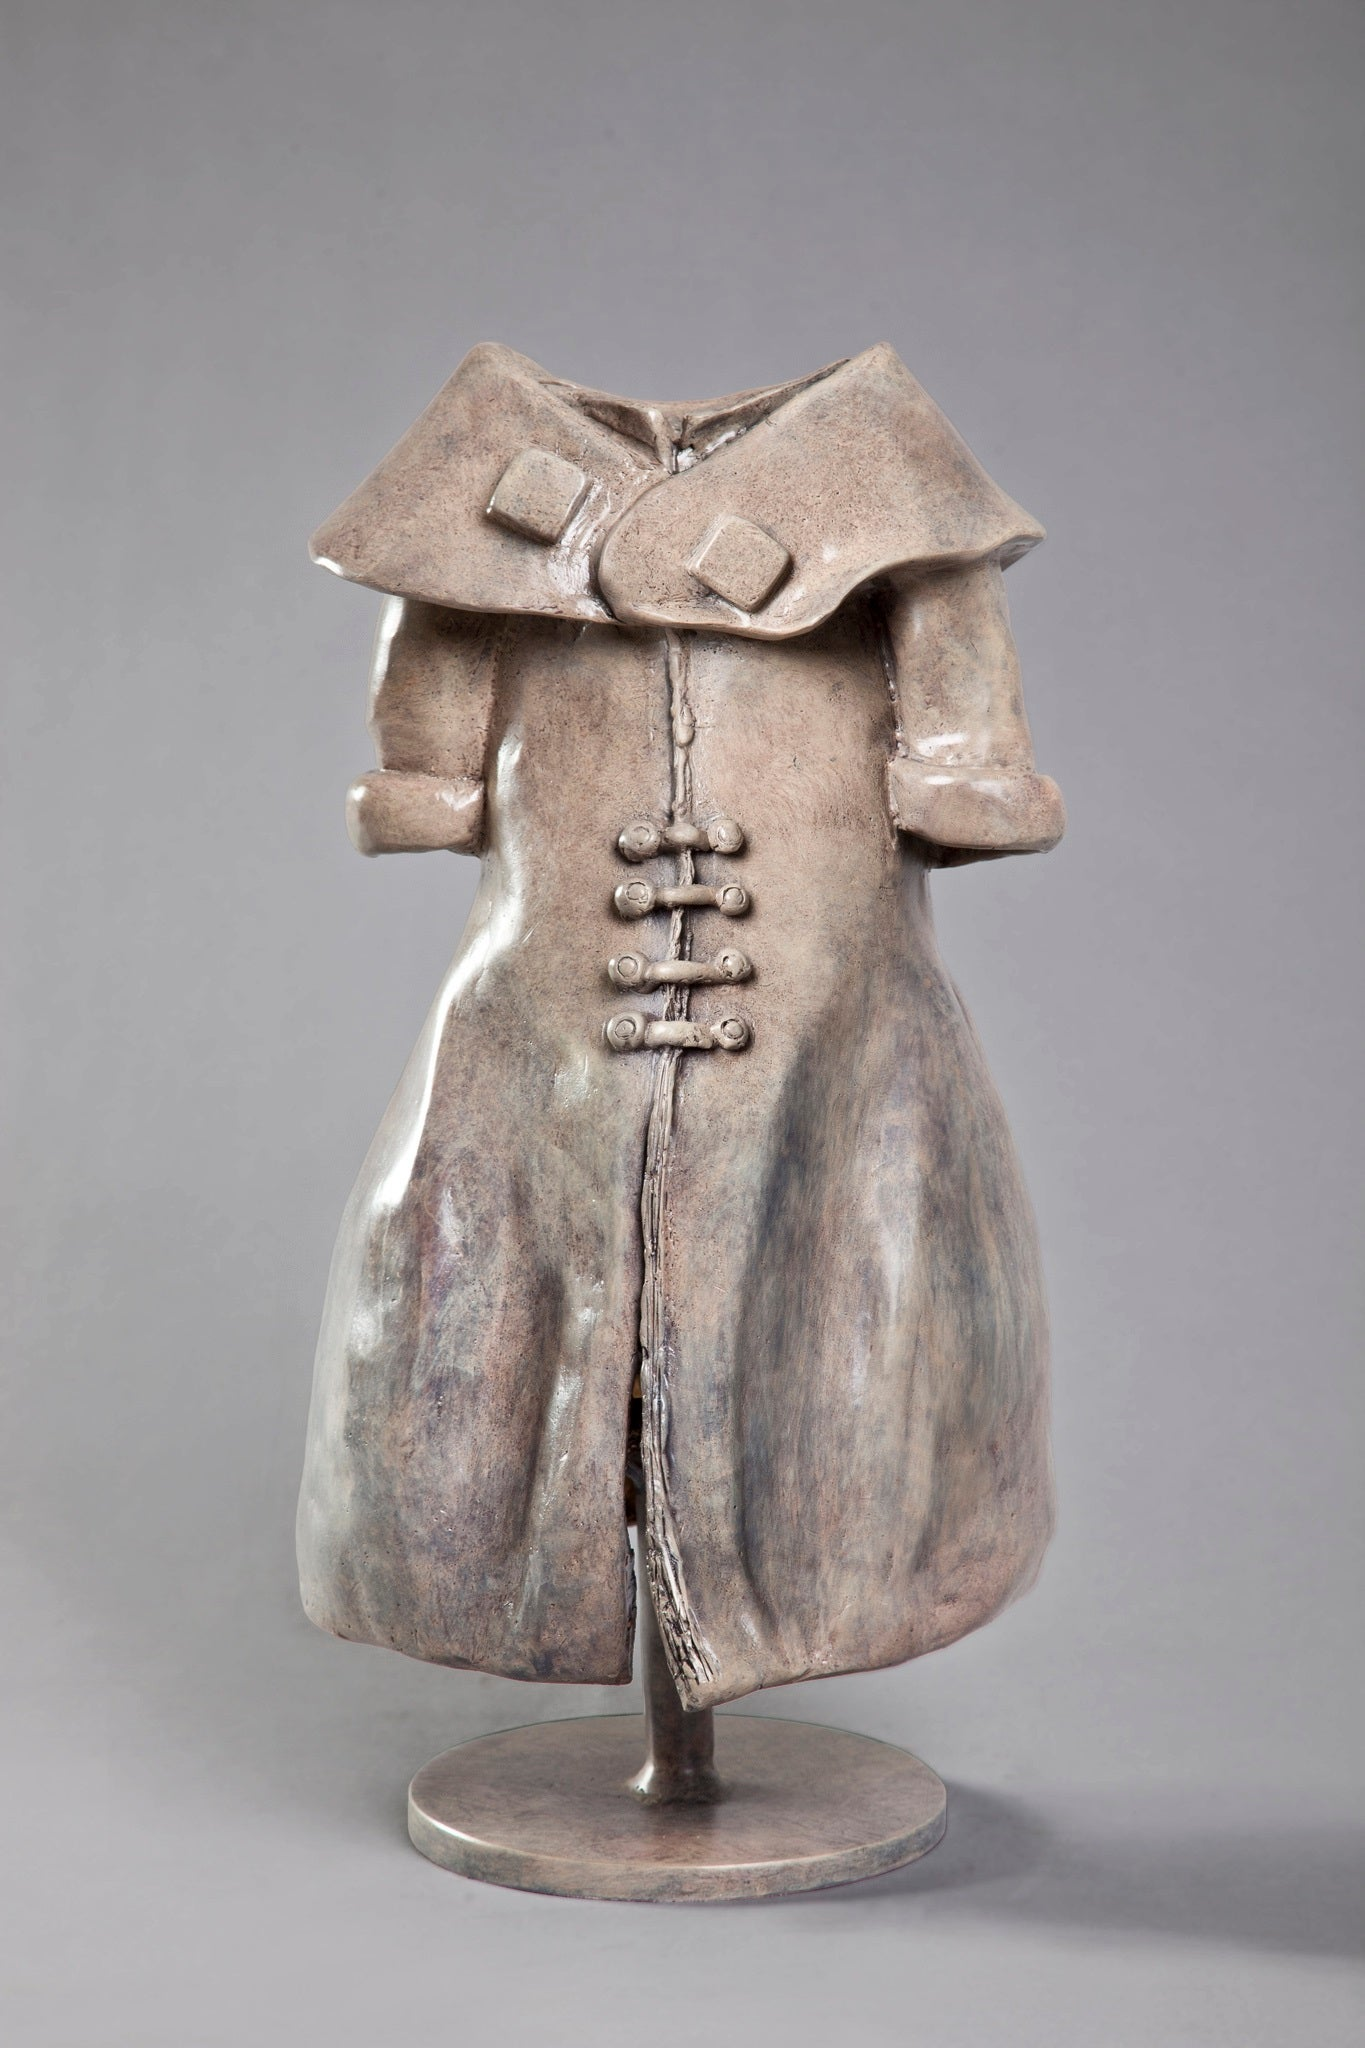 Anita Birkenfeld, Dress, garment sculpture, Bronze sculpture